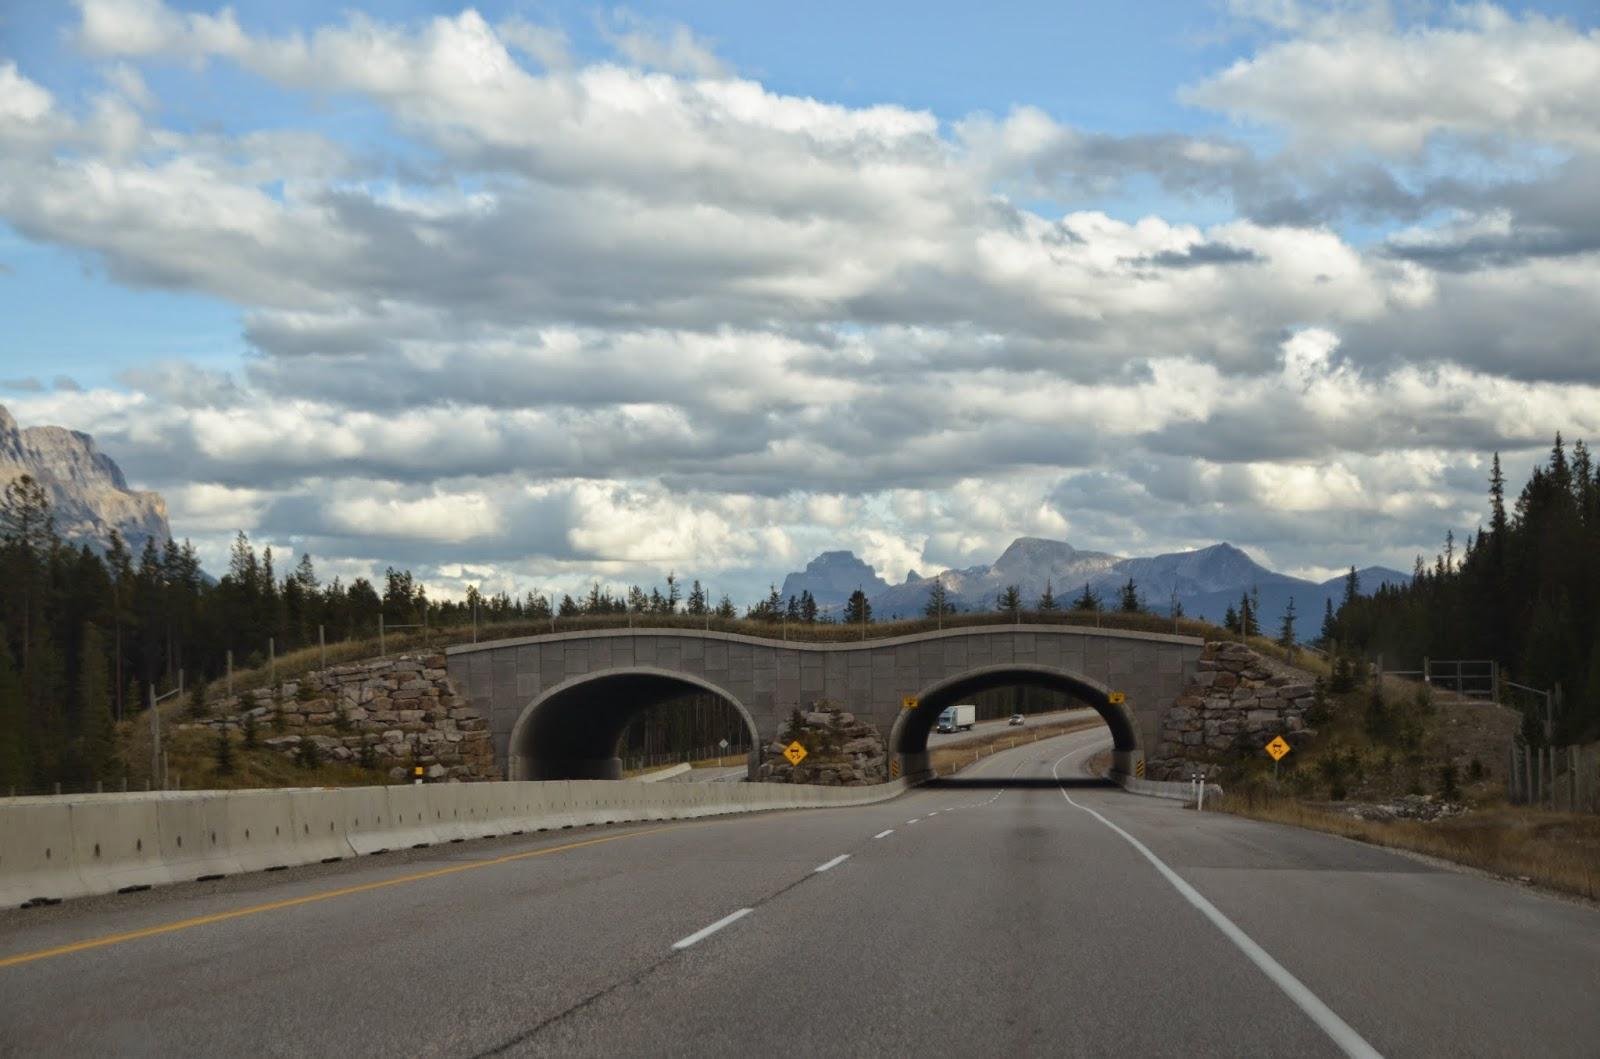 Rodovia de Banff, Canadá